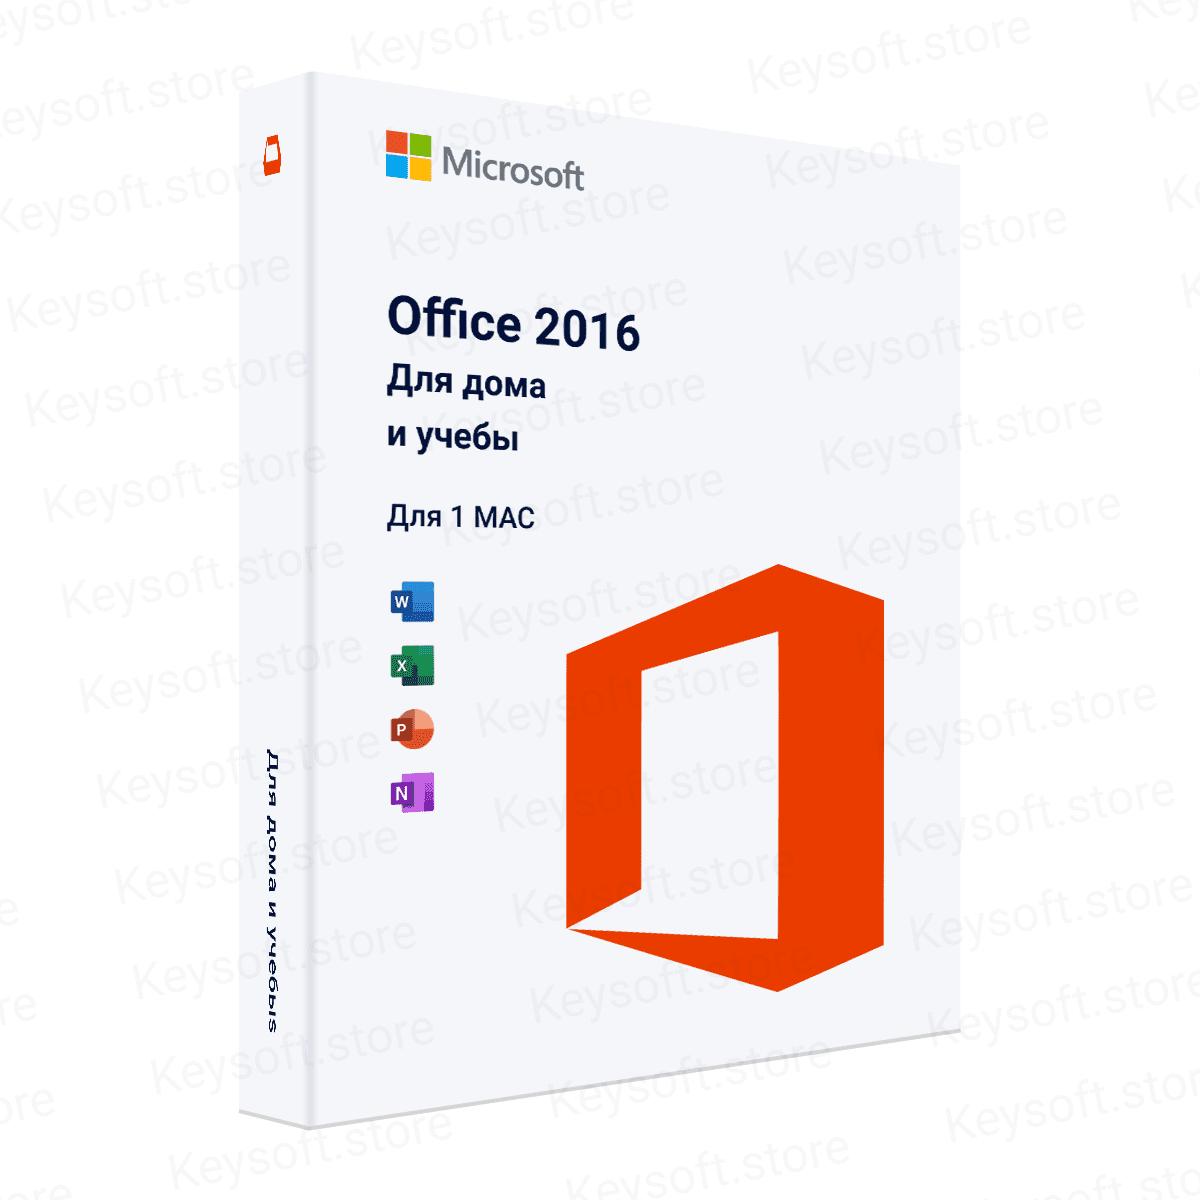 Office 2016 Для Дома и Учебы для MAC